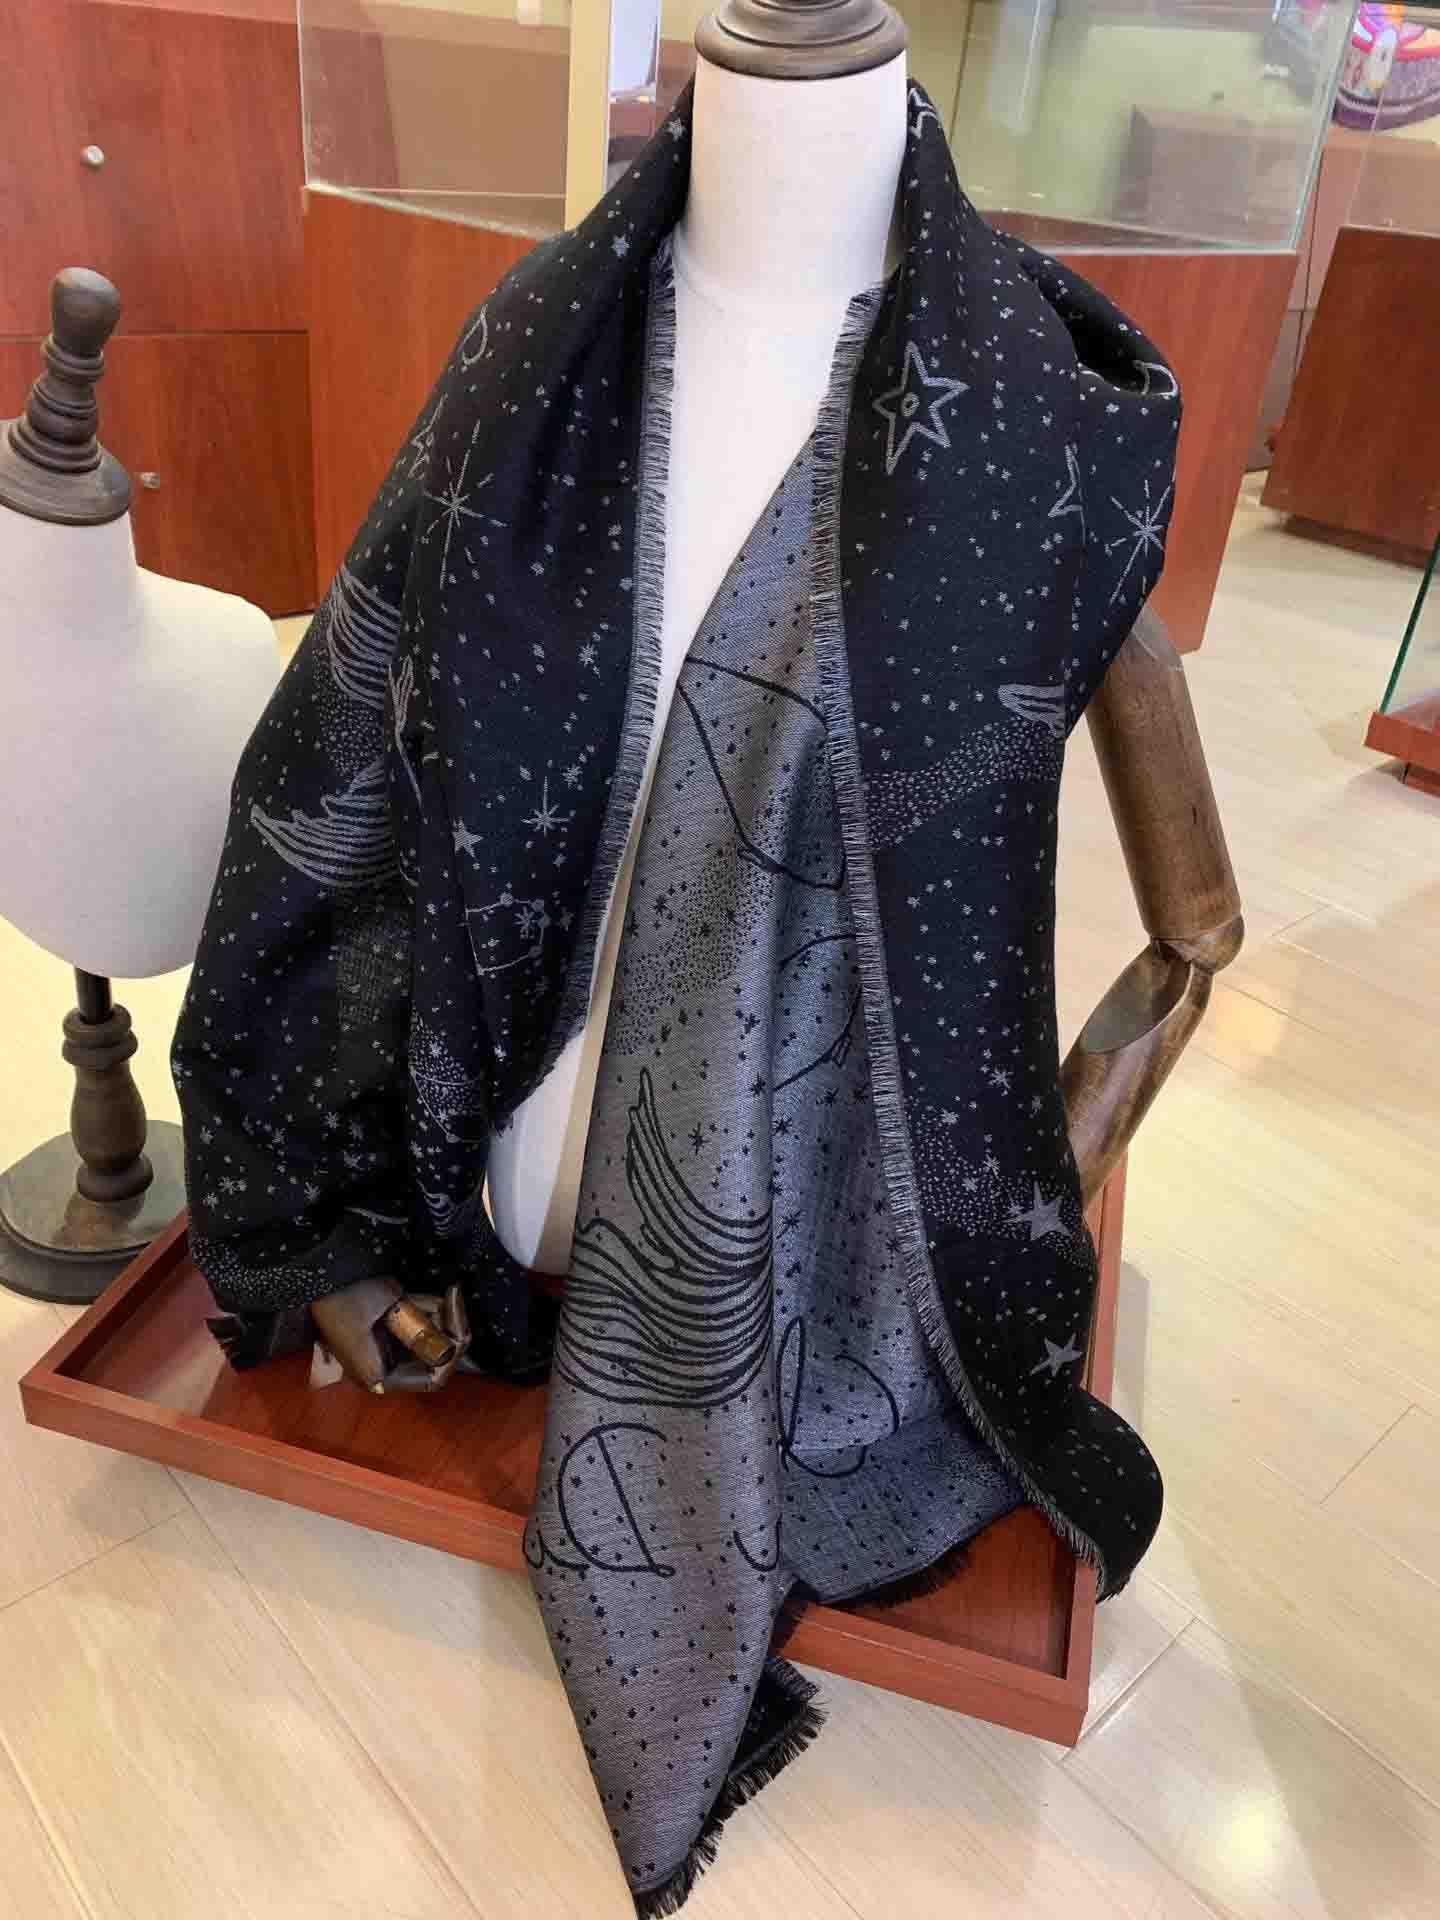 CashMere Gold and Silver Silk Simple Bufanda Simple Tamaño 200 * 70 cm La bufanda Envío gratuito sin cajas puede ser al por mayor